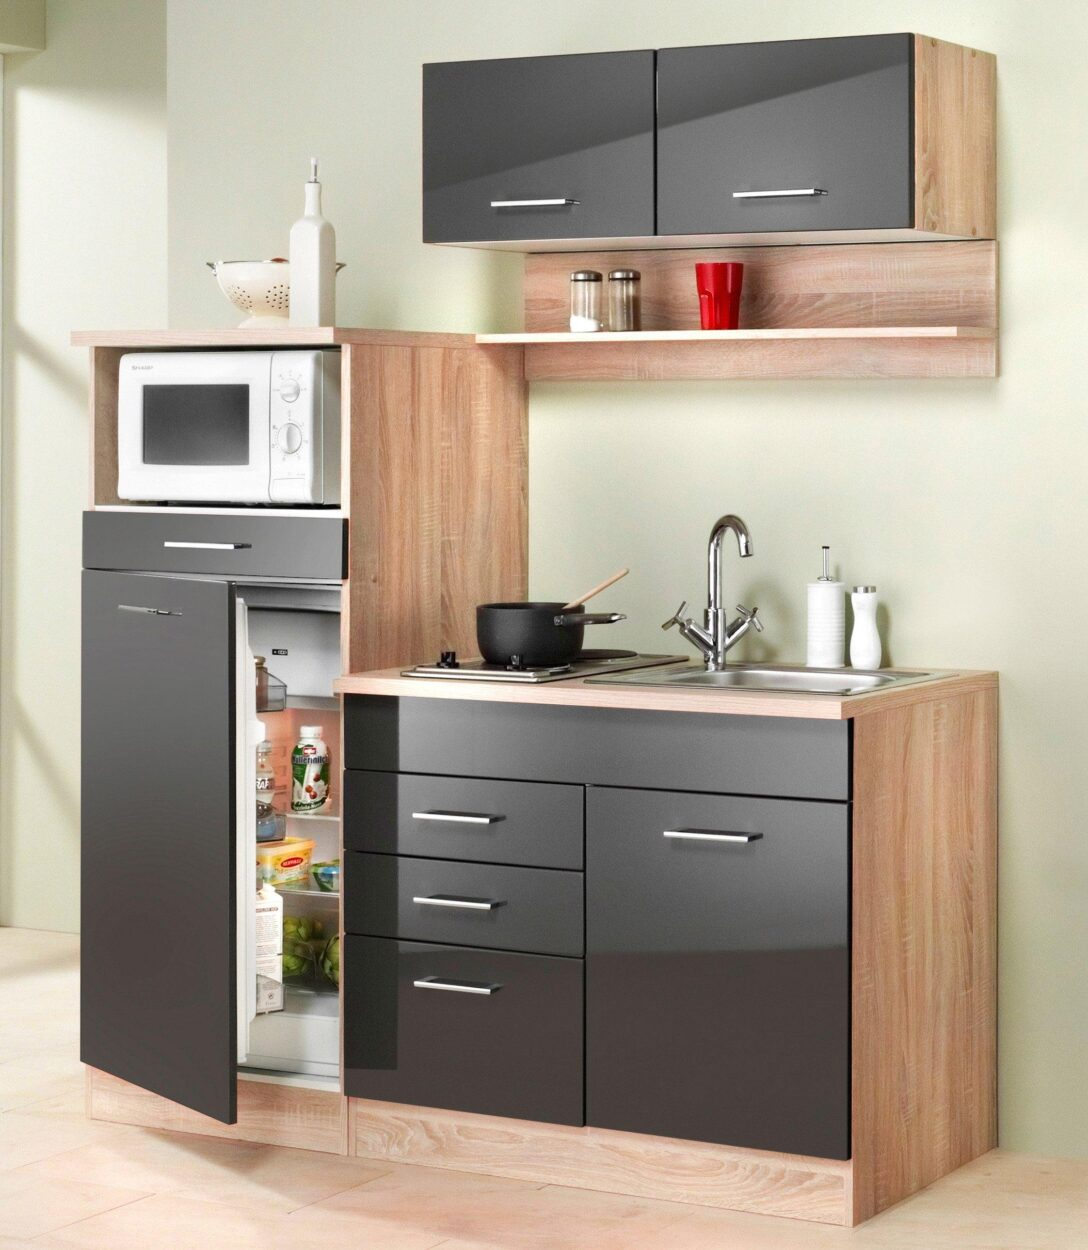 Large Size of Held Minikchen Online Kaufen Mbel Suchmaschine Wohnzimmer Miniküchen